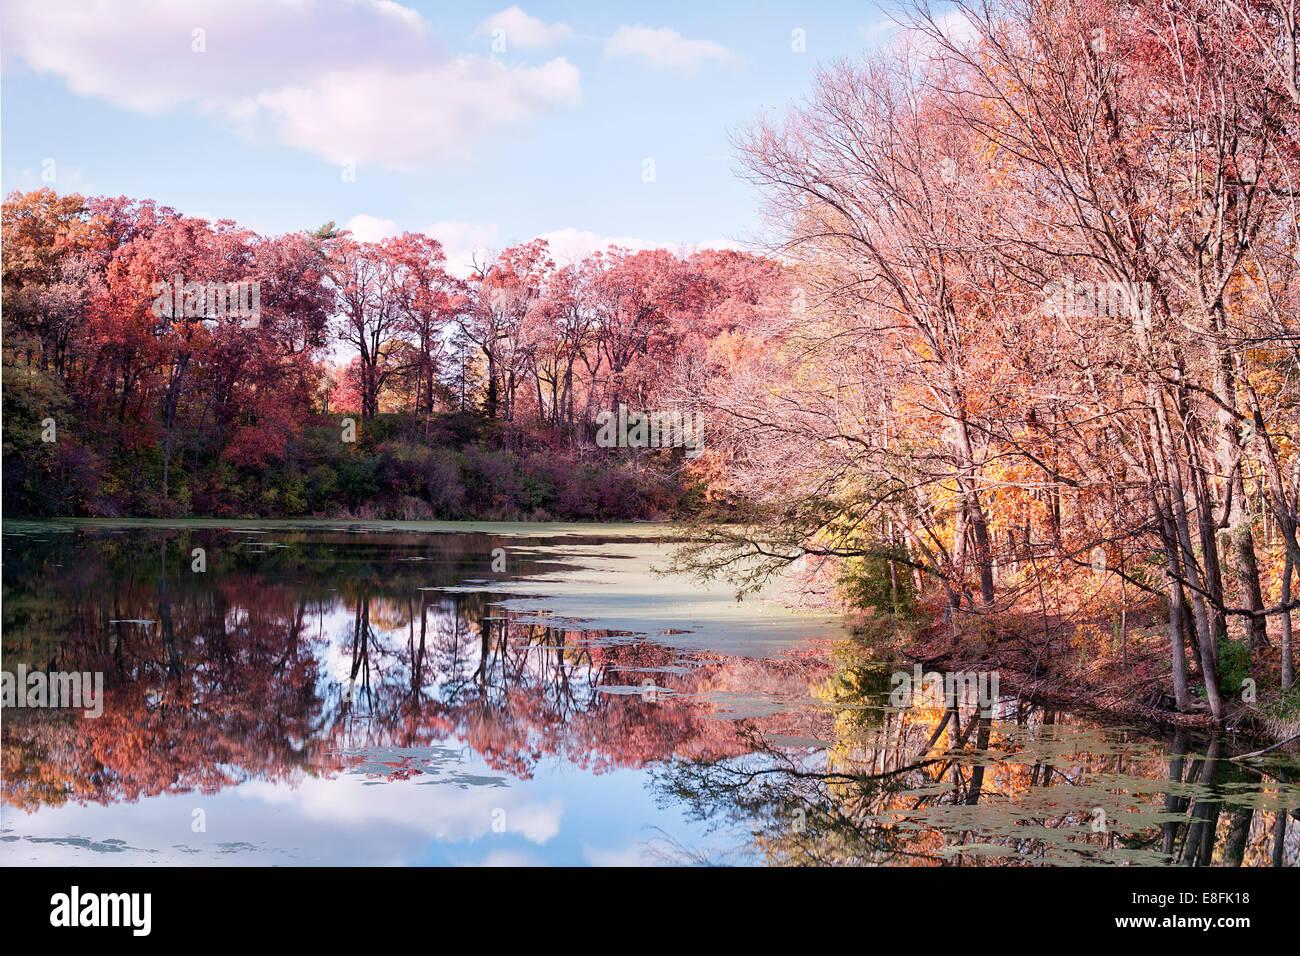 États-unis, Illinois, comté de LaSalle, Starved Rock, Autumn Photo Stock